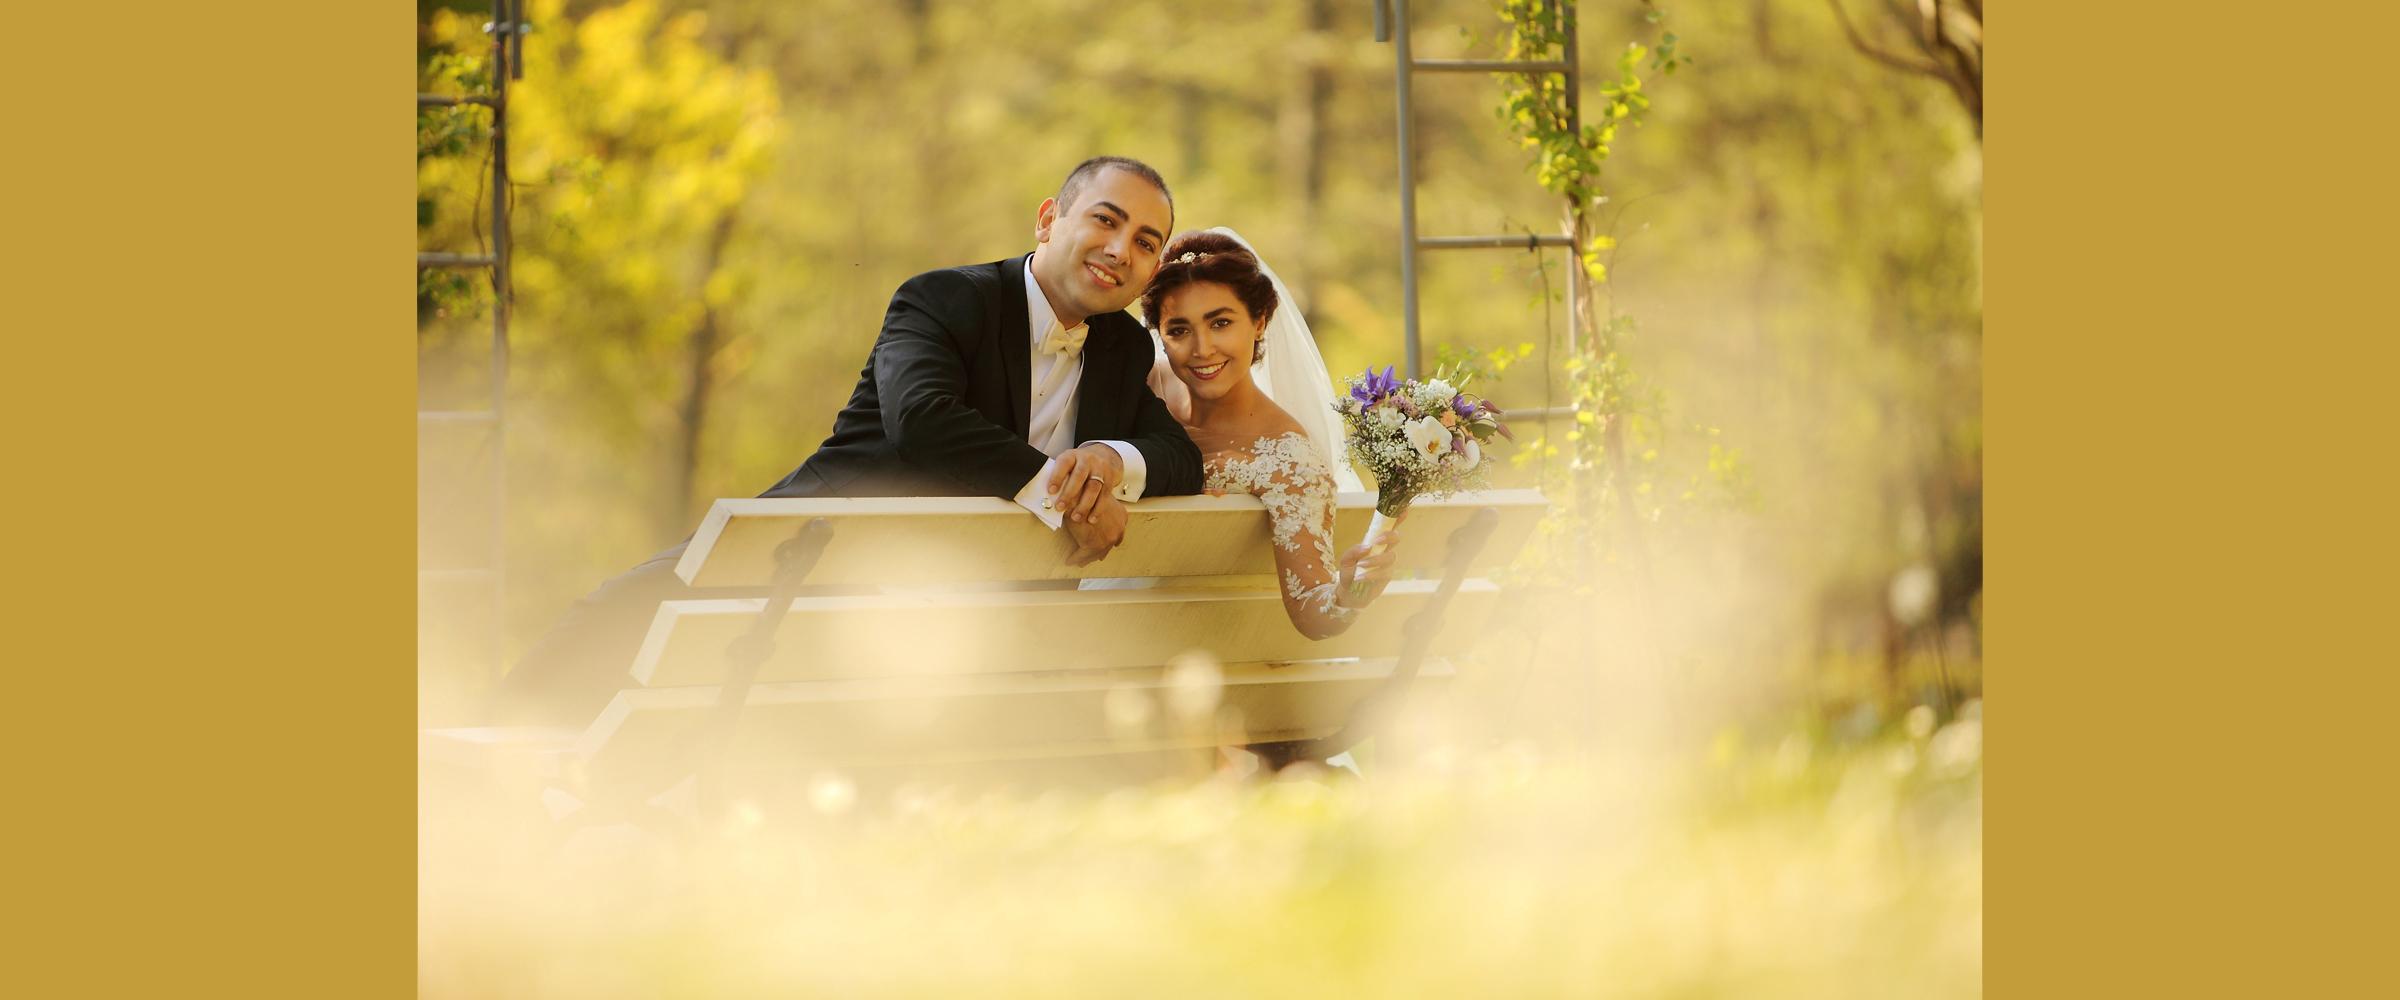 Hochzeitsportrait eines Mannes im dunklen Anzug und einer Frau im Brautkleid, die einen Brautstrauß in der Hand hält (Brautpaar), die lächelnd und rückwärts auf einer weißen Parkbank in der Natur sitzen.